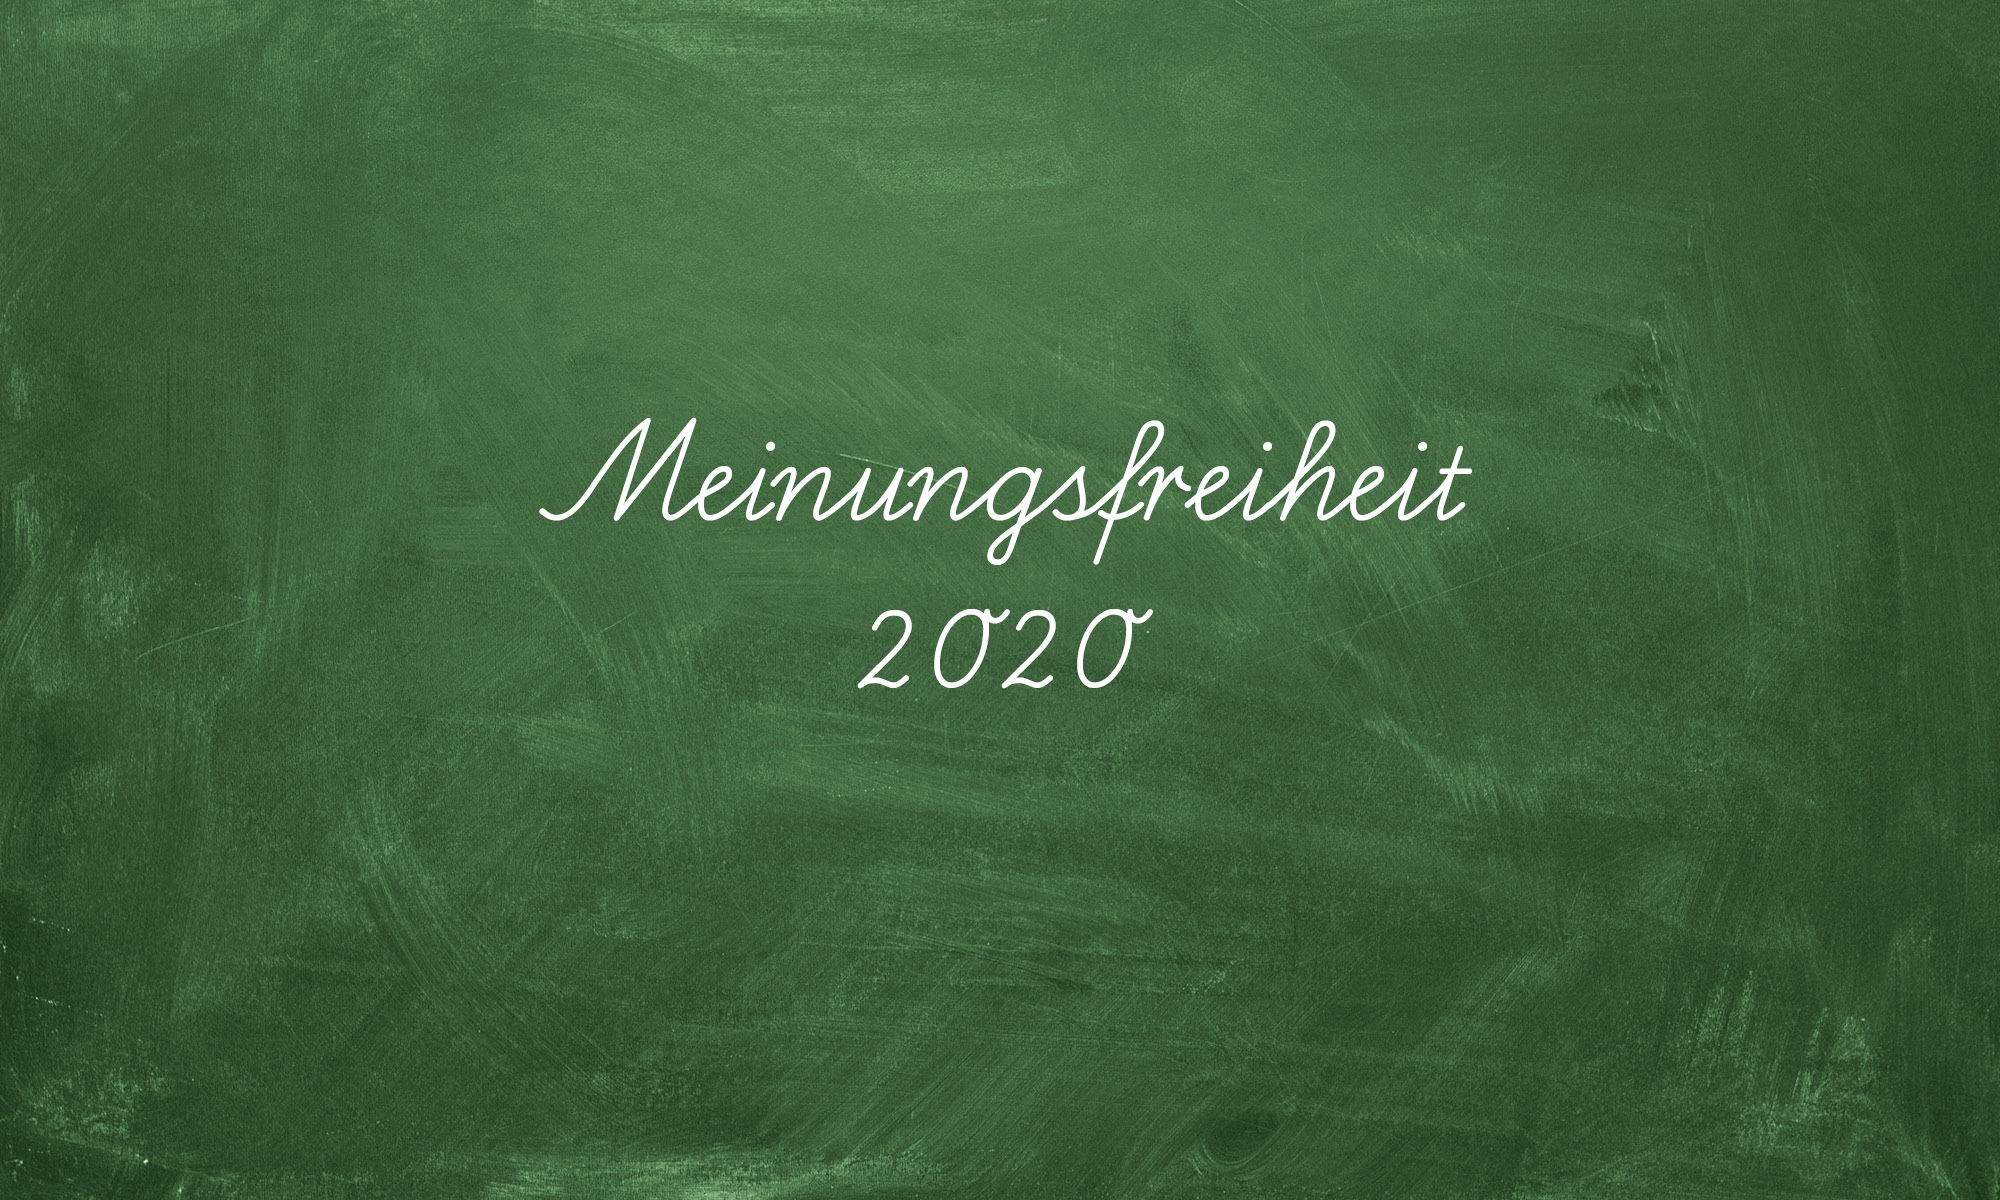 Meinungsfreiheit 2020